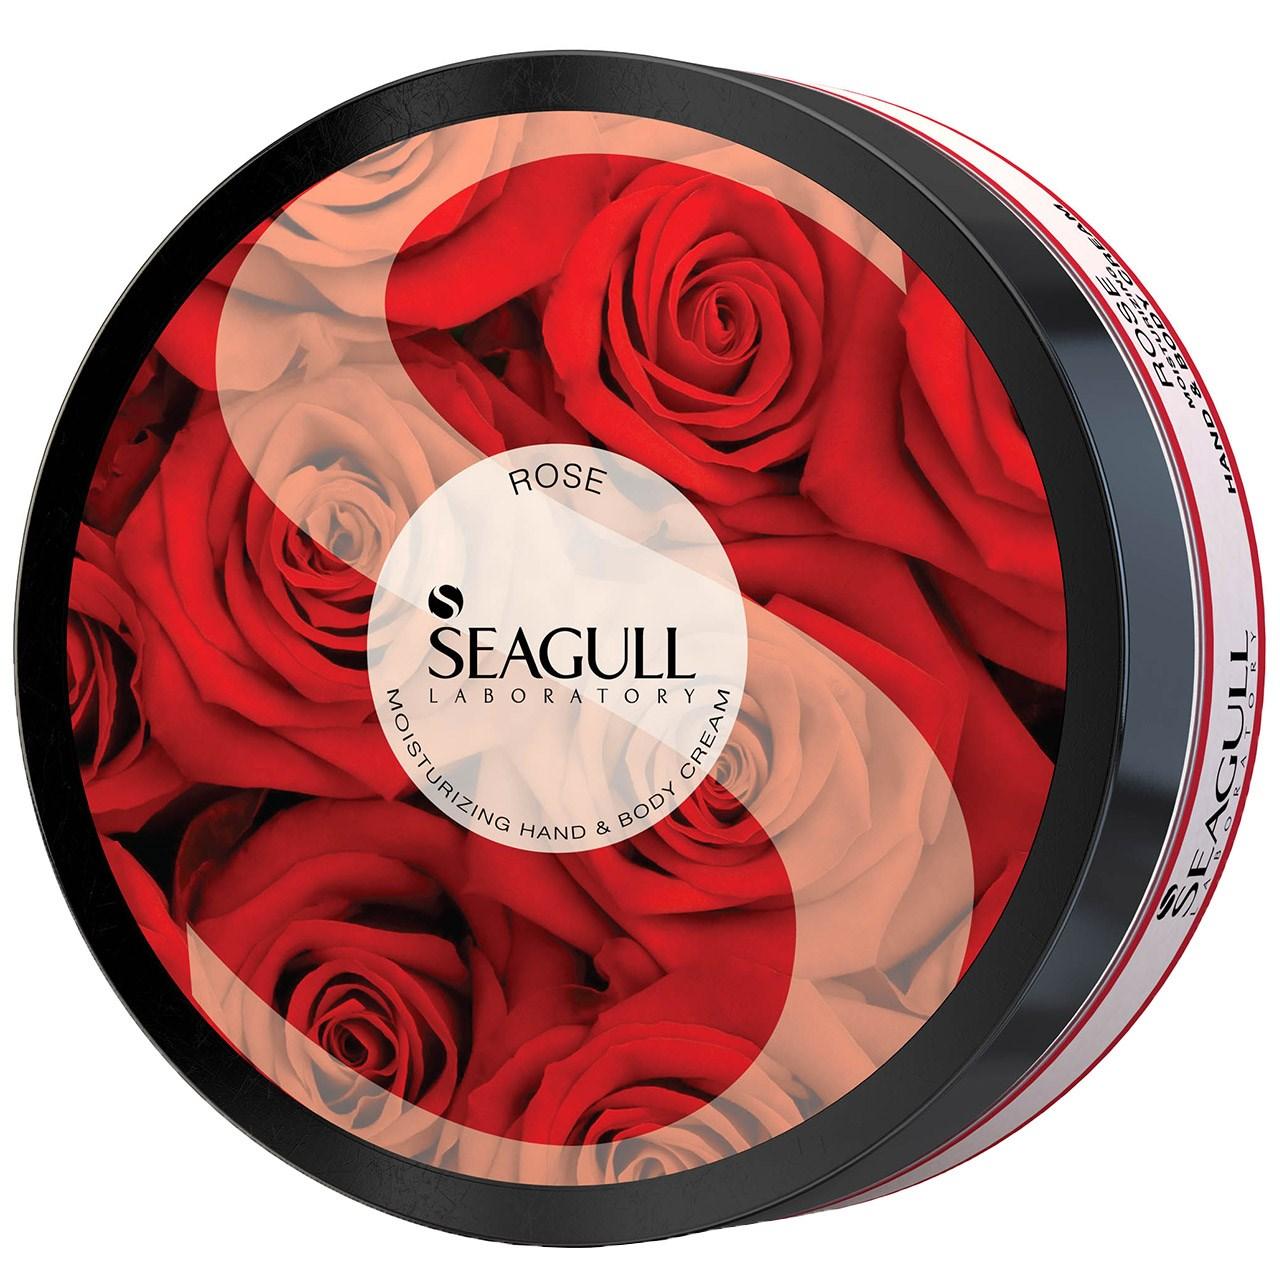 قیمت کرم مرطوب کننده سی گل مدل Rose حجم 200 میلی لیتر